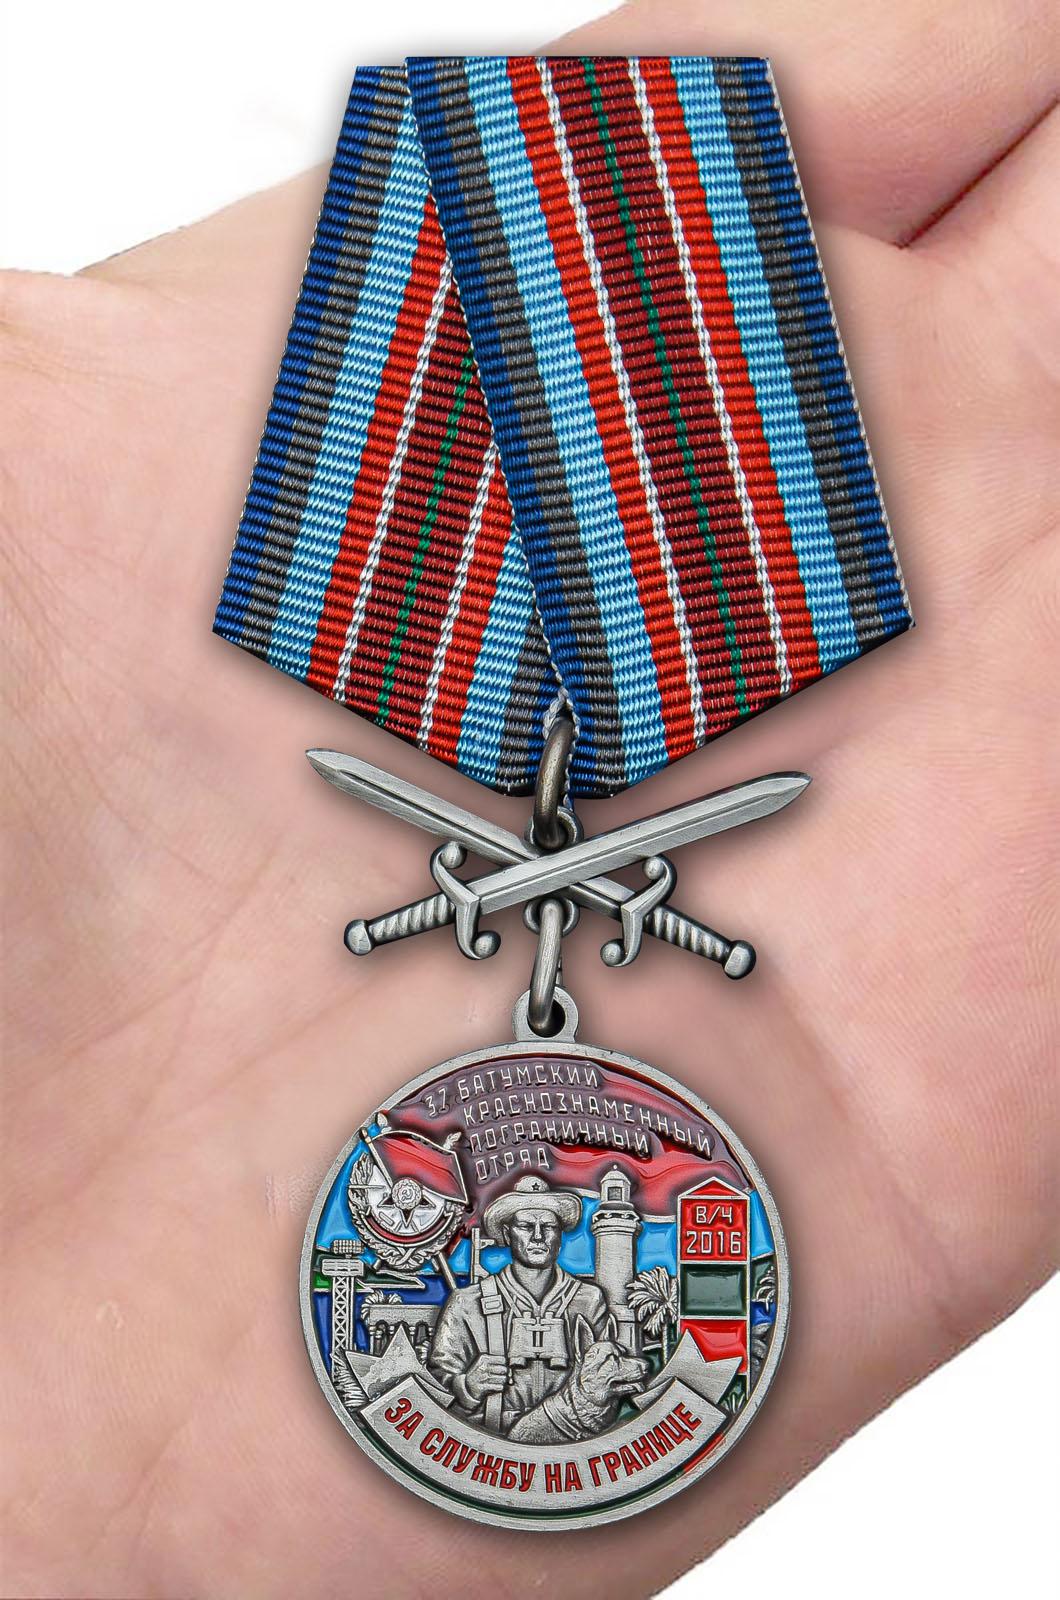 Латунная медаль За службу в Батумском пограничном отряде - вид на ладони